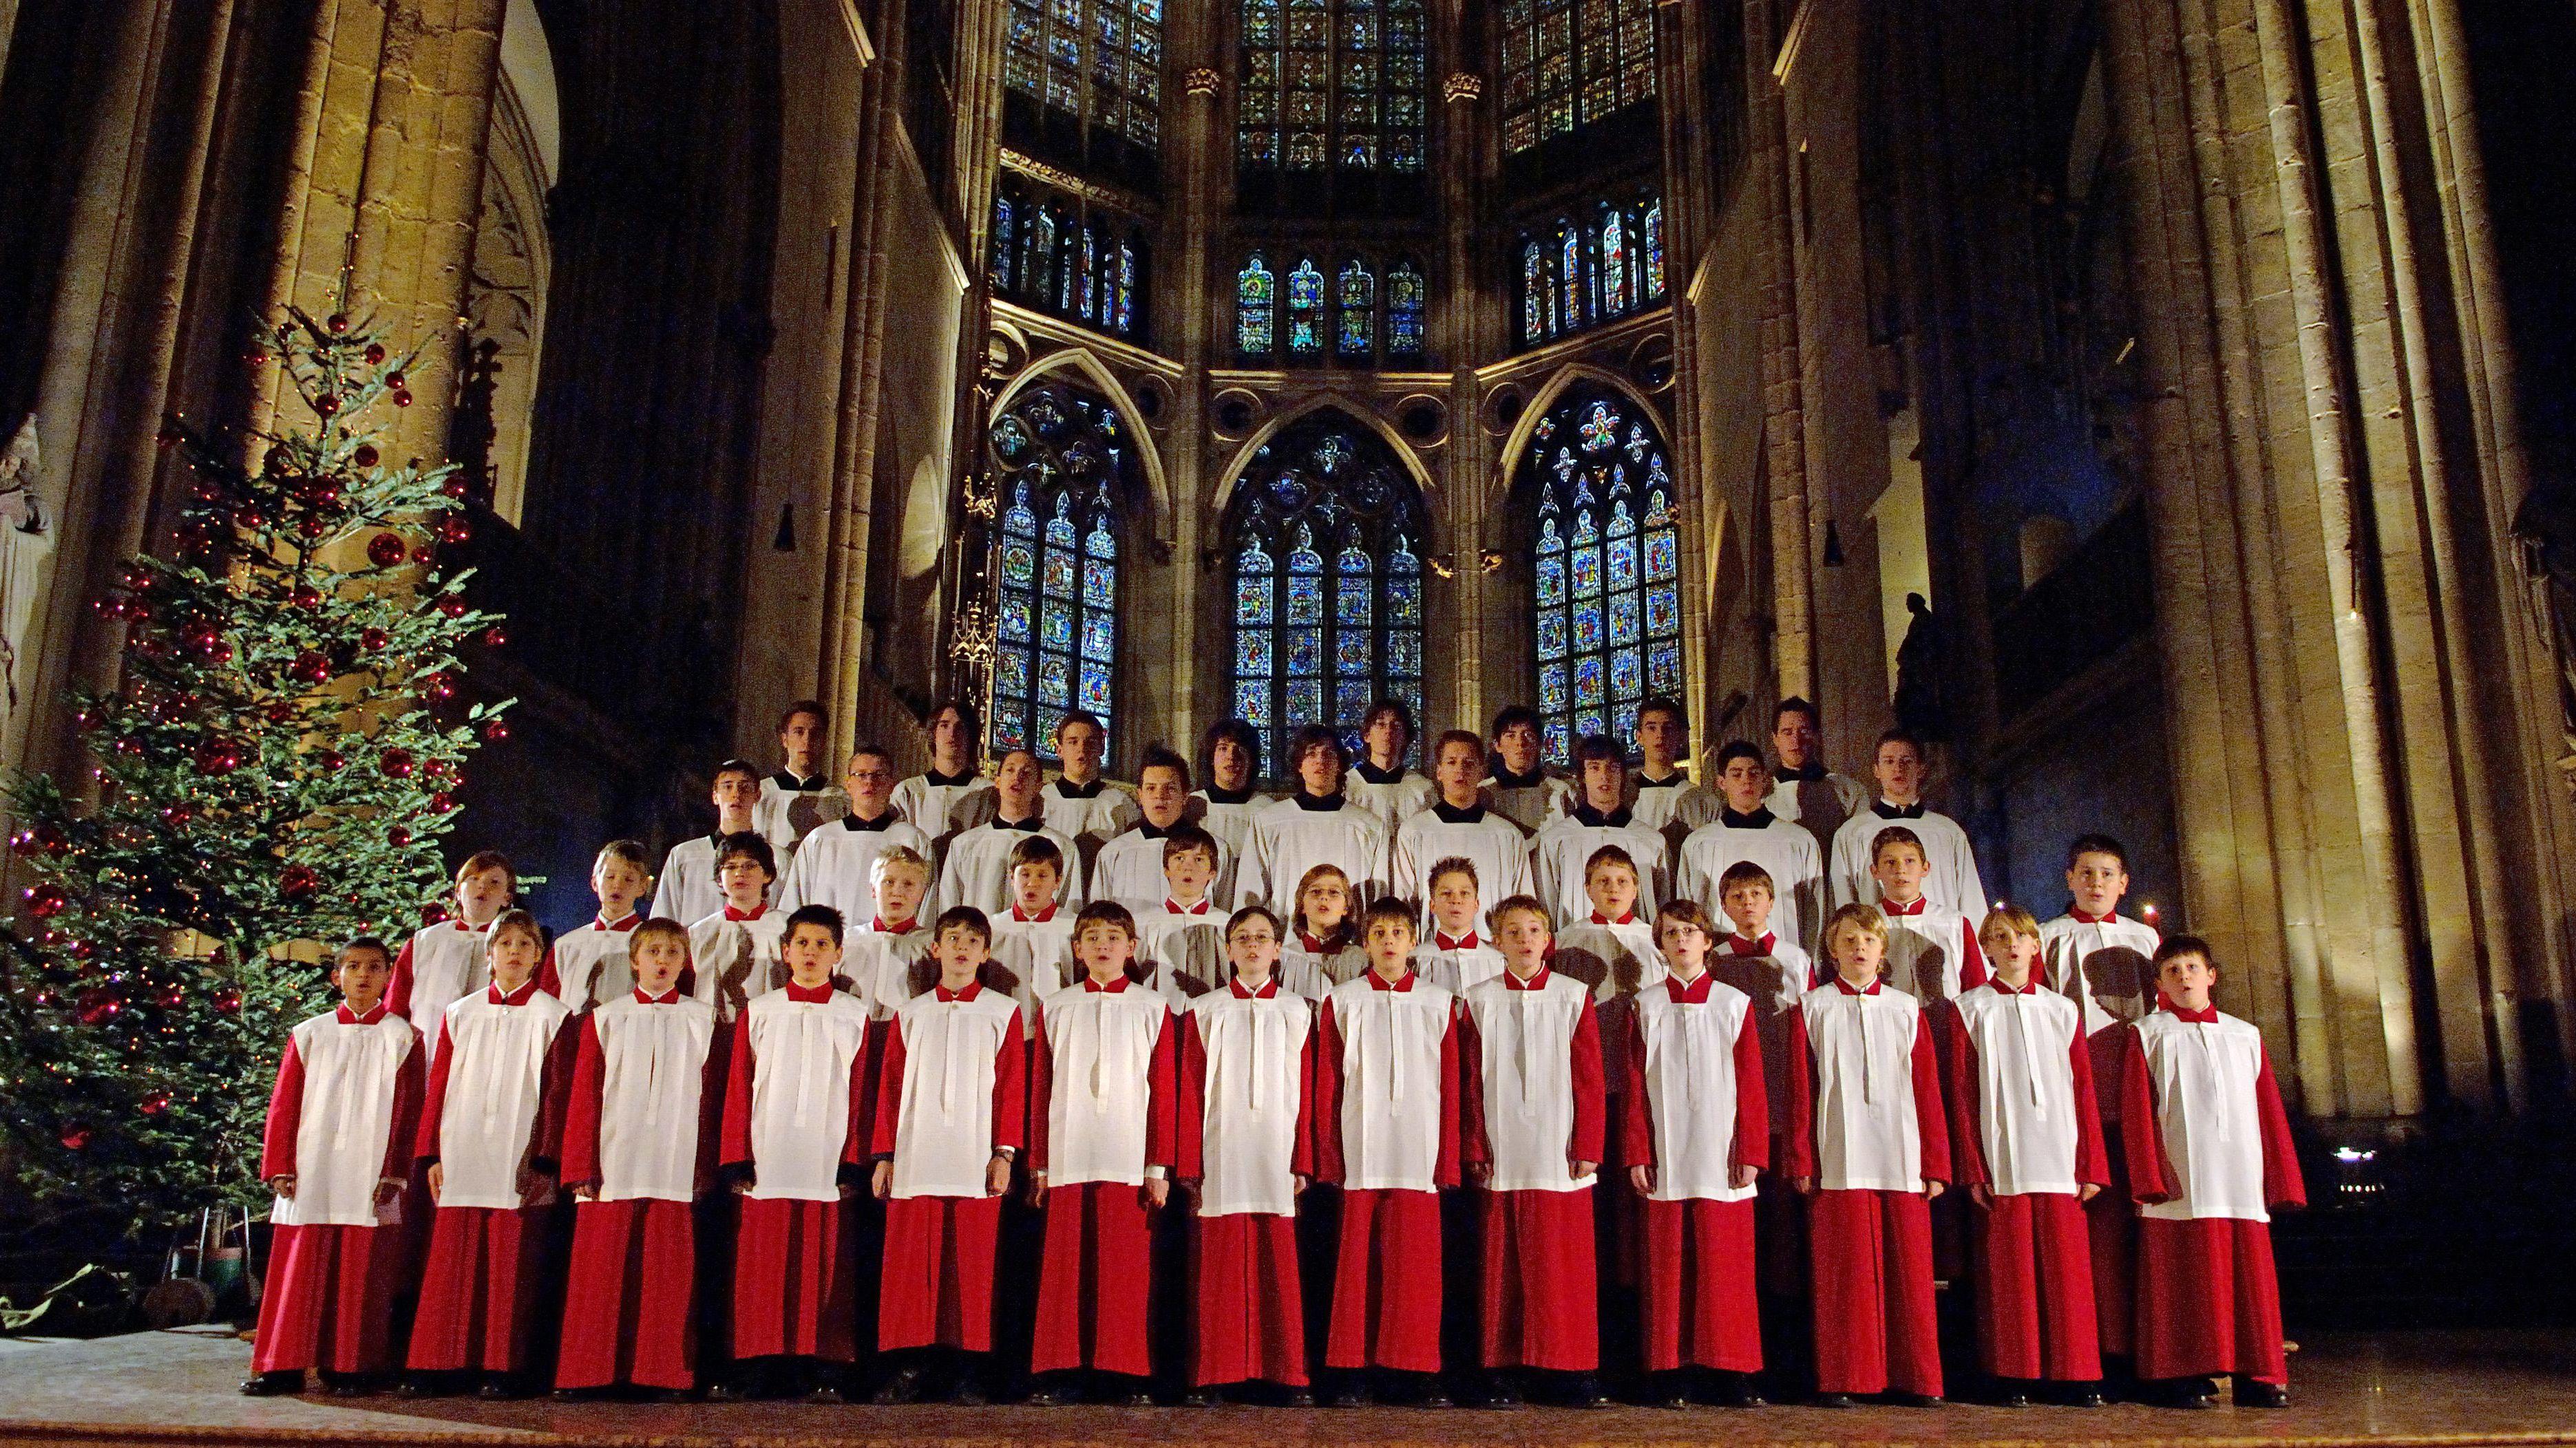 Die Domspatzen singen im Regensburger Dom St. Peter.